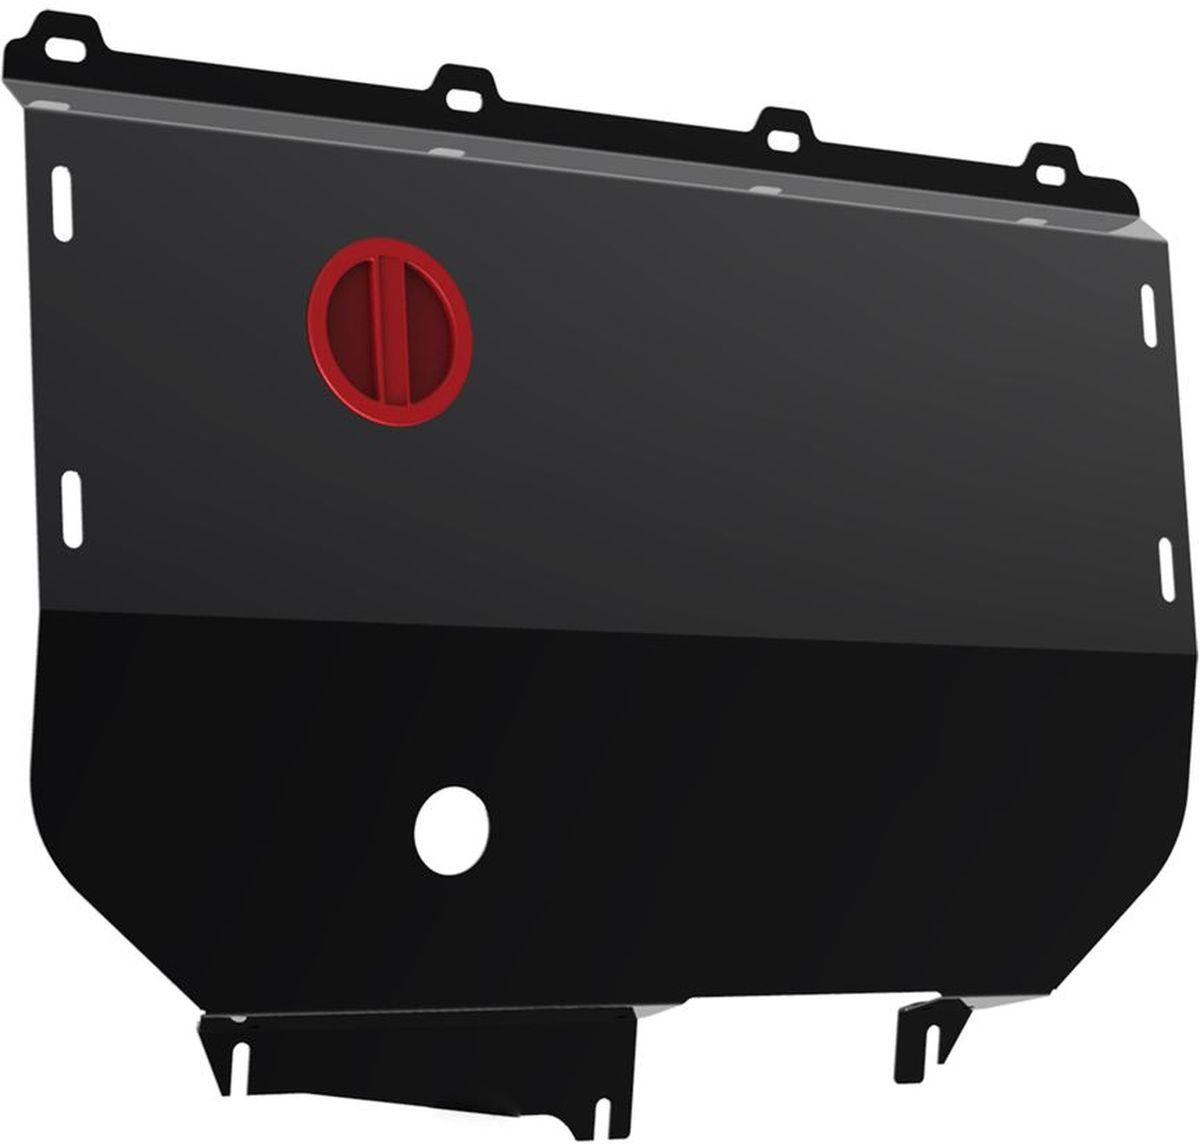 Защита картера и КПП Автоброня, для Fiat Ducato. 111.01708.1111.05107.1Технологически совершенный продукт за невысокую стоимость.Защита разработана с учетом особенностей днища автомобиля, что позволяет сохранить дорожный просвет с минимальным изменением.Защита устанавливается в штатные места кузова автомобиля. Глубокий штамп обеспечивает до двух раз больше жесткости в сравнении с обычной защитой той же толщины. Проштампованные ребра жесткости препятствуют деформации защиты при ударах.Тепловой зазор и вентиляционные отверстия обеспечивают сохранение температурного режима двигателя в норме. Скрытый крепеж предотвращает срыв крепежных элементов при наезде на препятствие.Шумопоглощающие резиновые элементы обеспечивают комфортную езду без вибраций и скрежета металла, а съемные лючки для слива масла и замены фильтра - экономию средств и время.Конструкция изделия не влияет на пассивную безопасность автомобиля (при ударе защита не воздействует на деформационные зоны кузова). Со штатным крепежом. В комплекте инструкция по установке.Толщина стали: 2 мм.